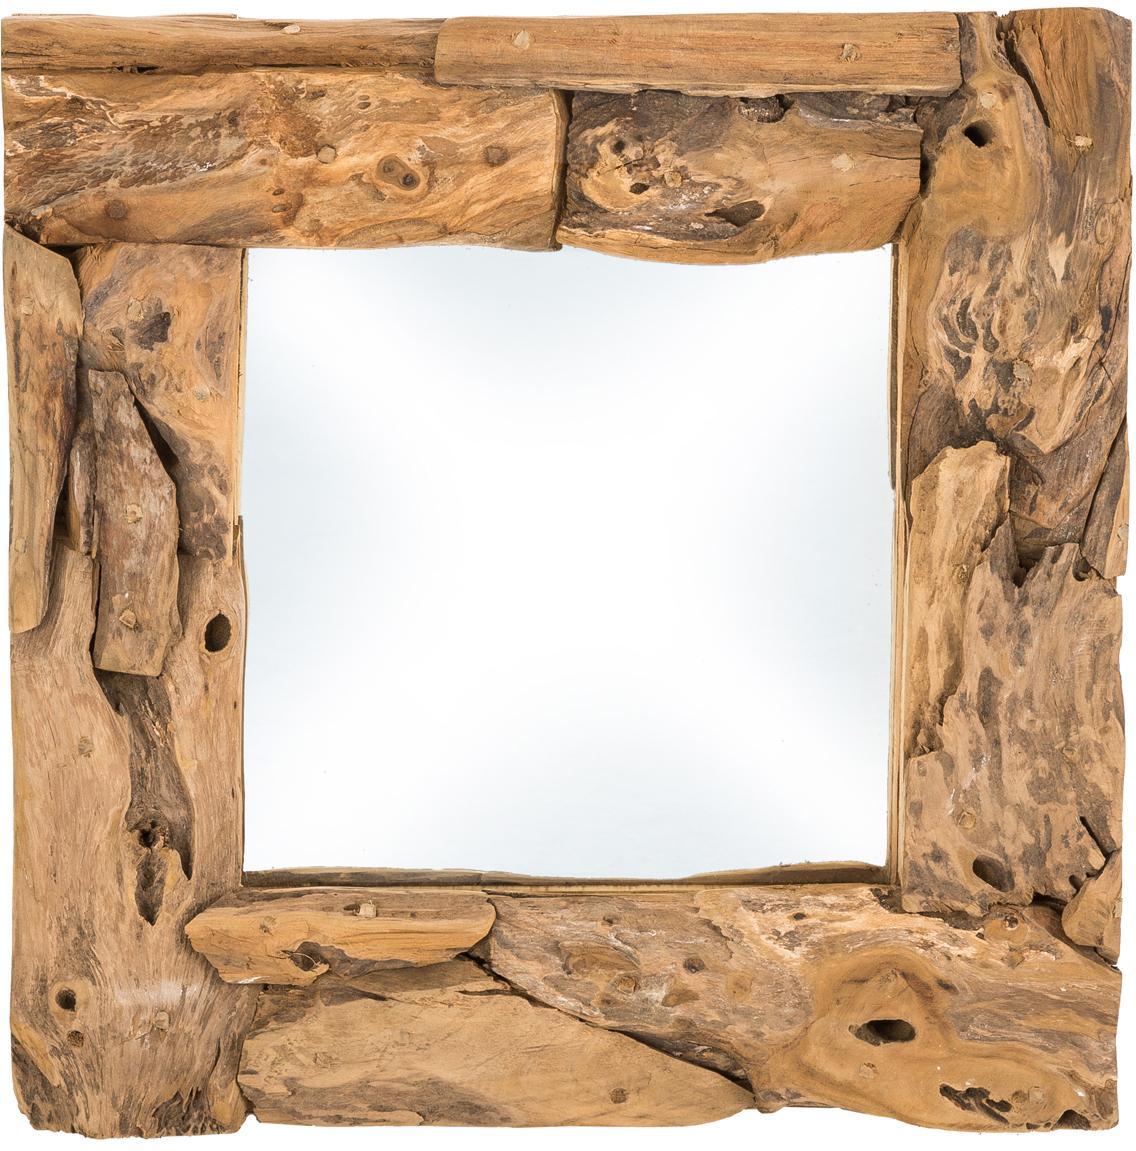 Eckiger Spiegel Noah mit Teakholzrahmen, Rahmen: Teakholz, Teak, 50 x 50 cm